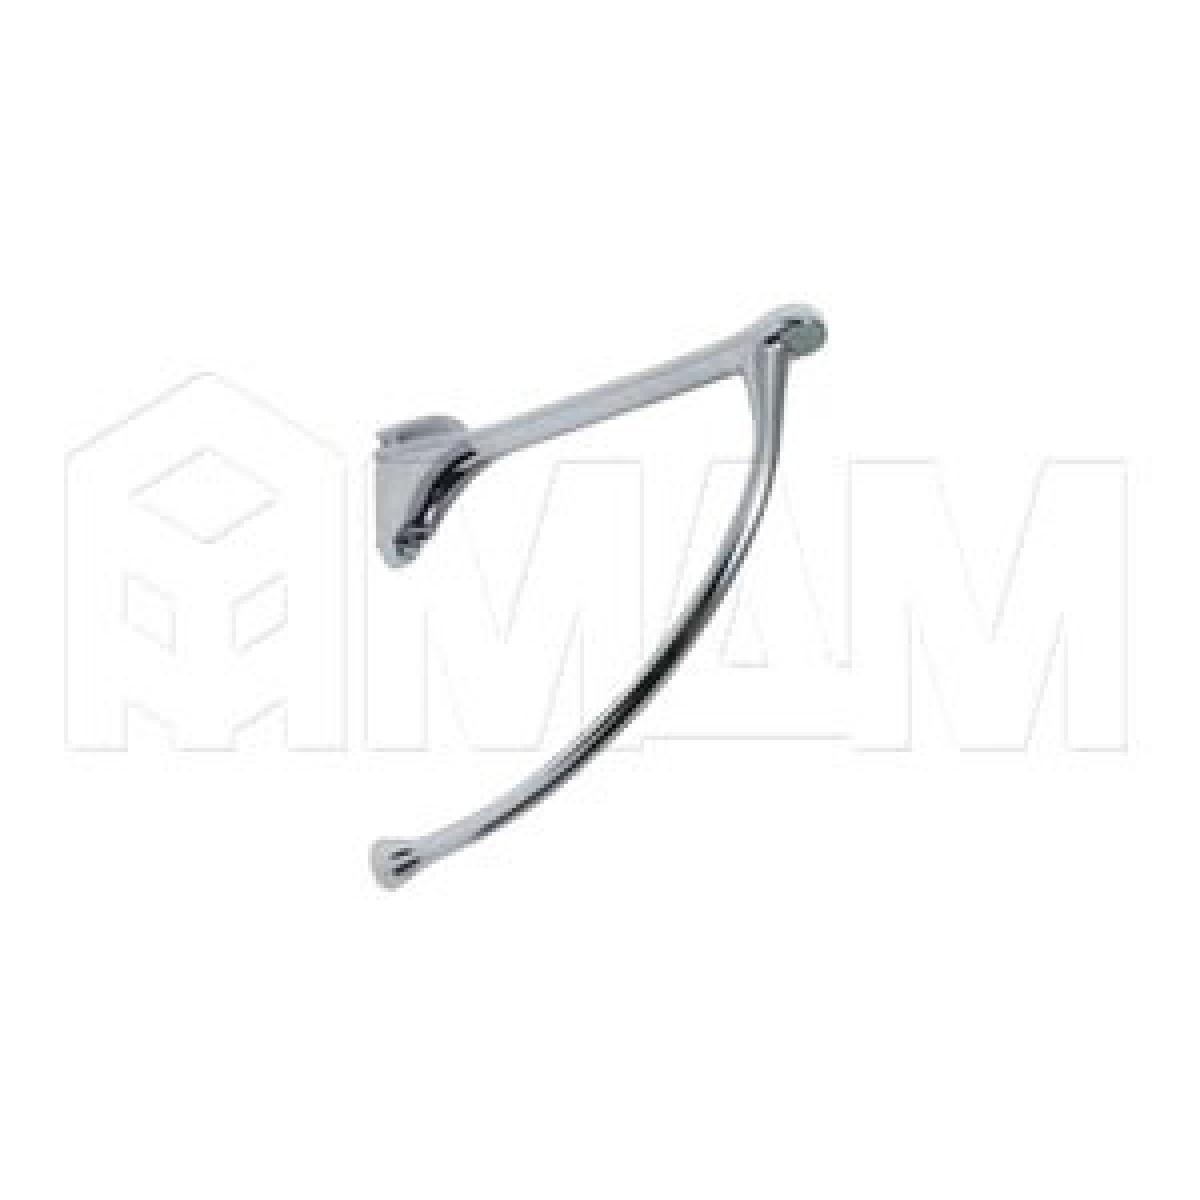 Менсолодержатель для деревянных и стеклянных полок 6 - 20 мм, L-149 мм, хром (2 шт.)